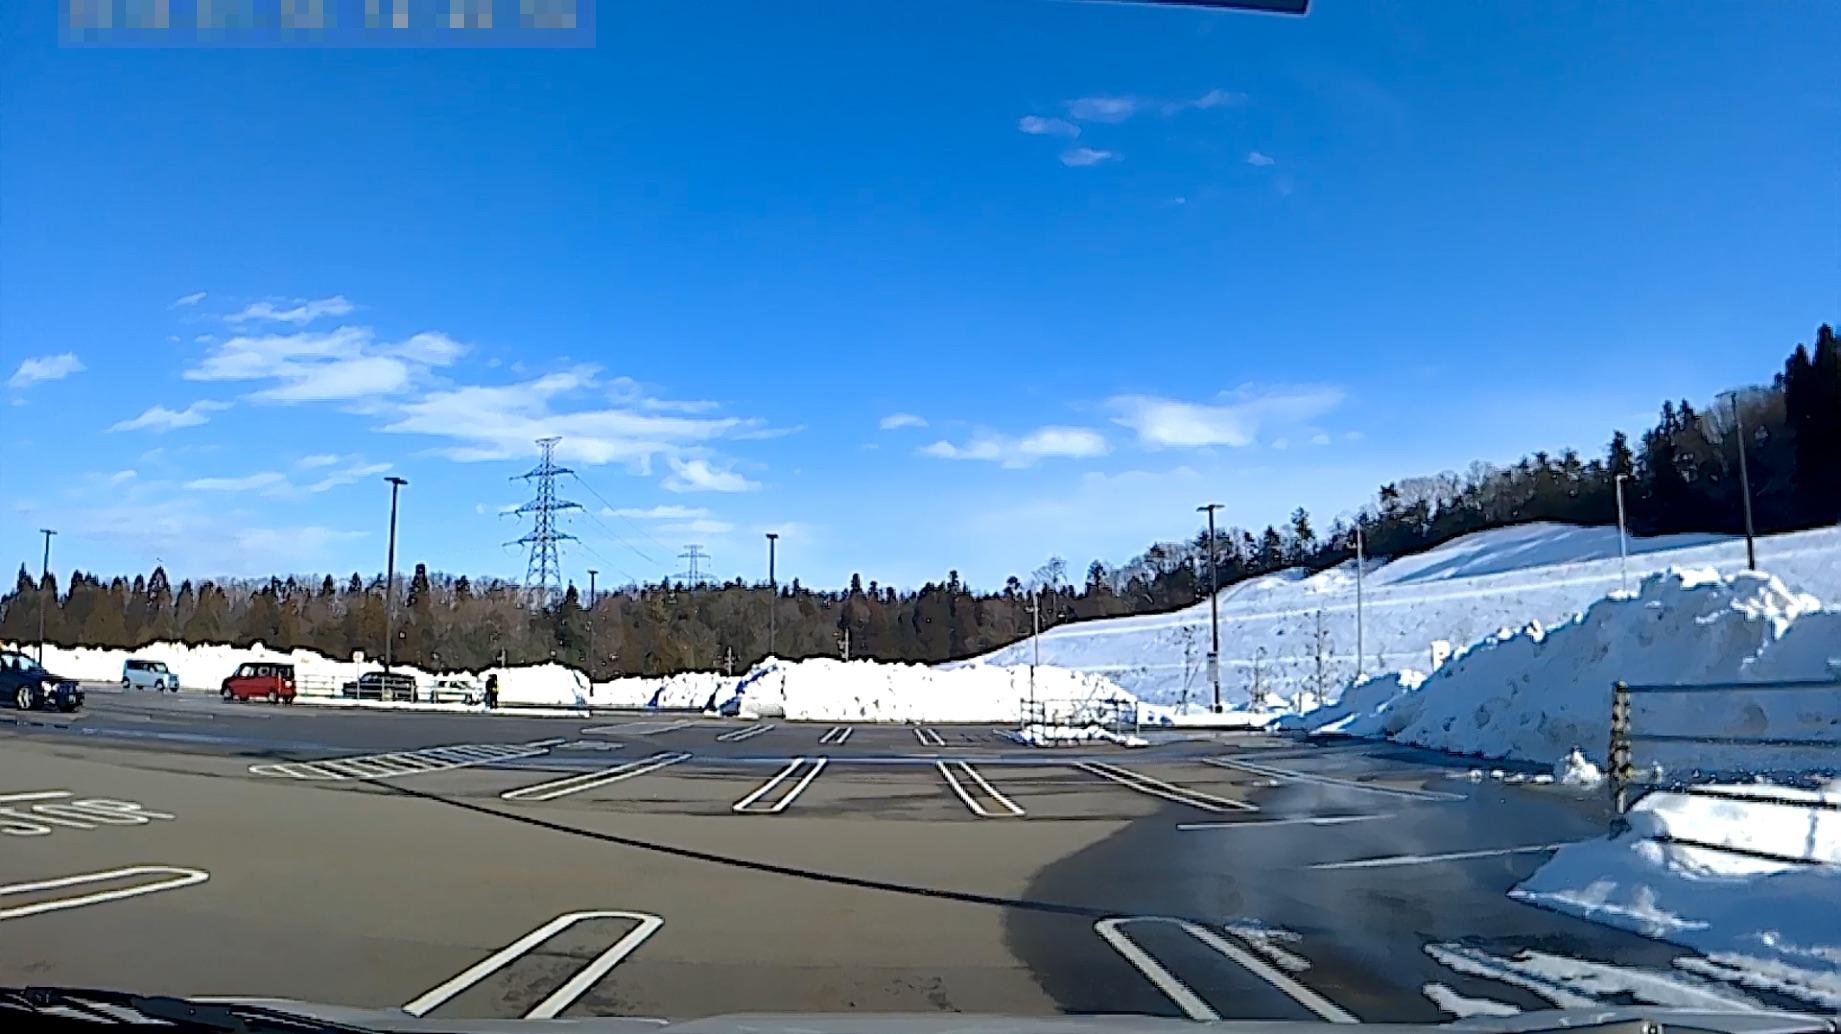 雪のコストコ駐車場